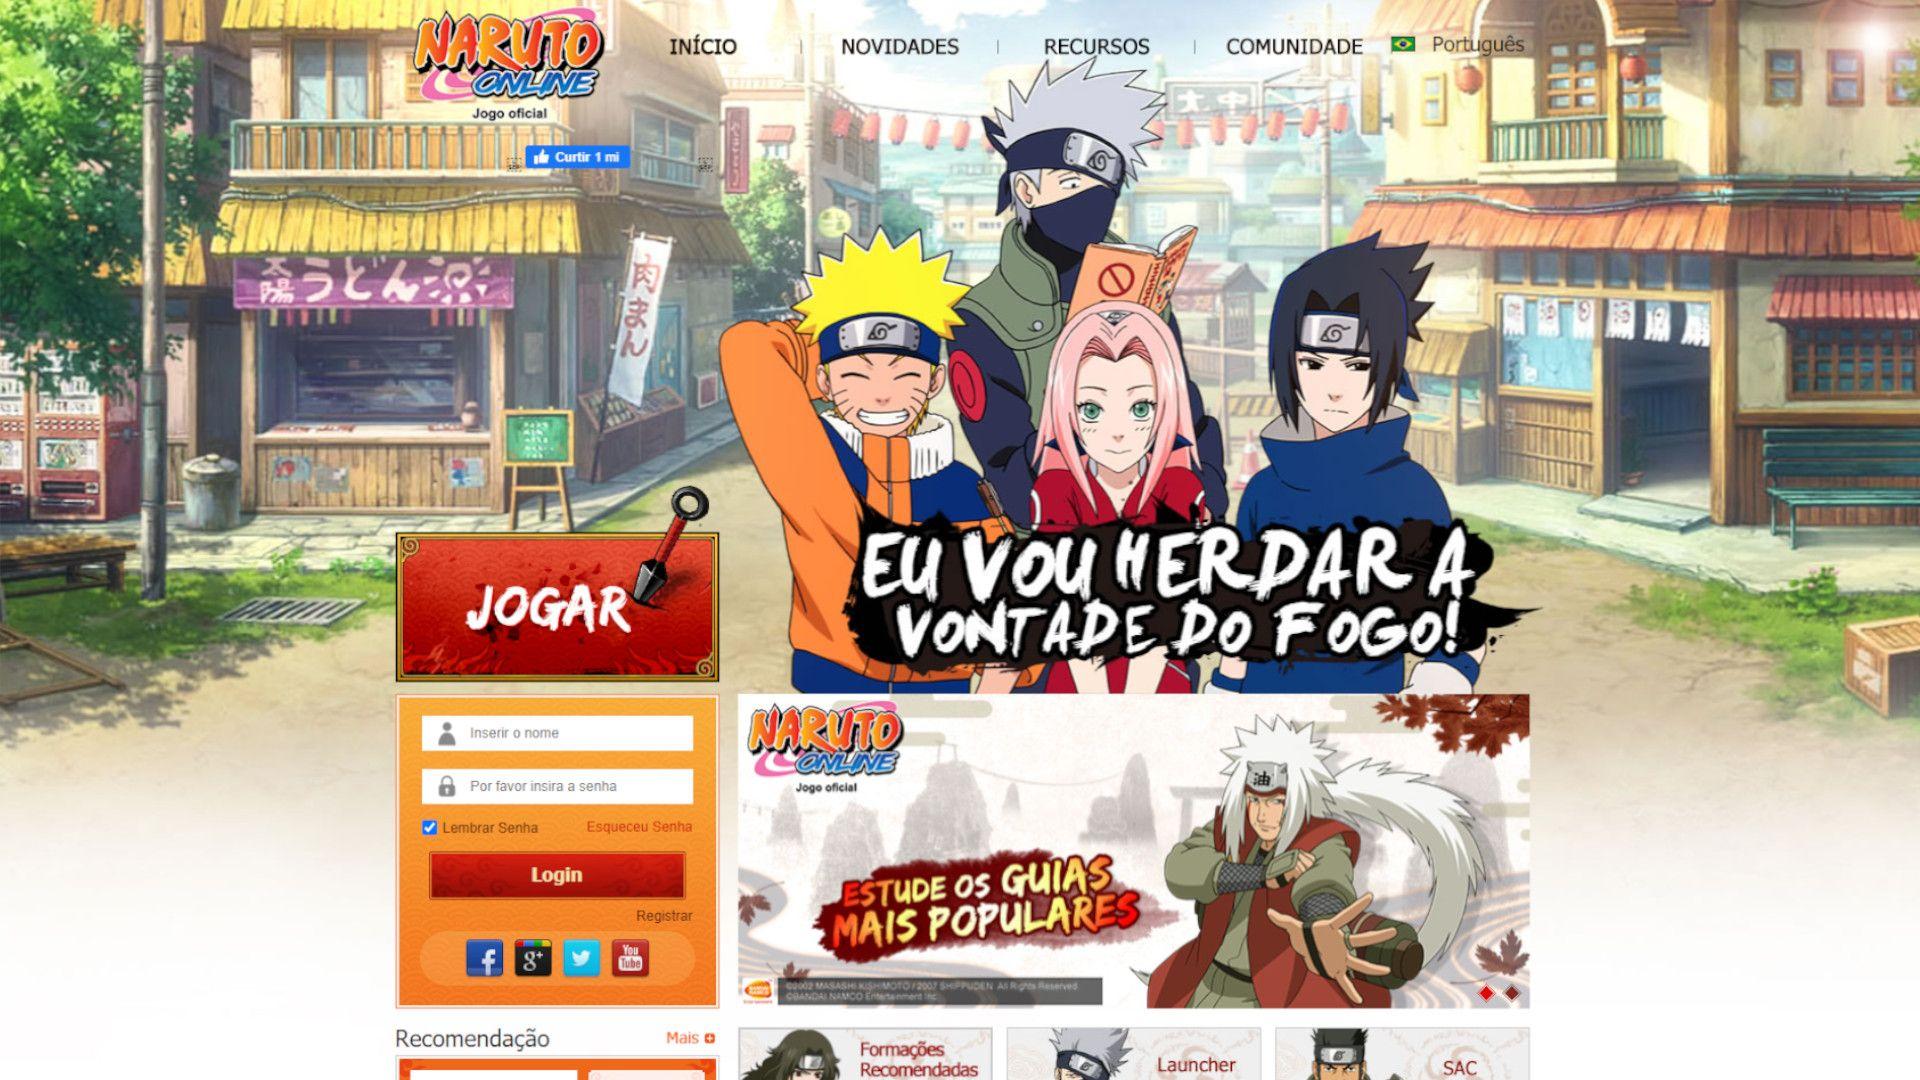 Naruto Online é o jogo gratuito e exclusivo para PC (Foto: Reprodução/Naruto Online)